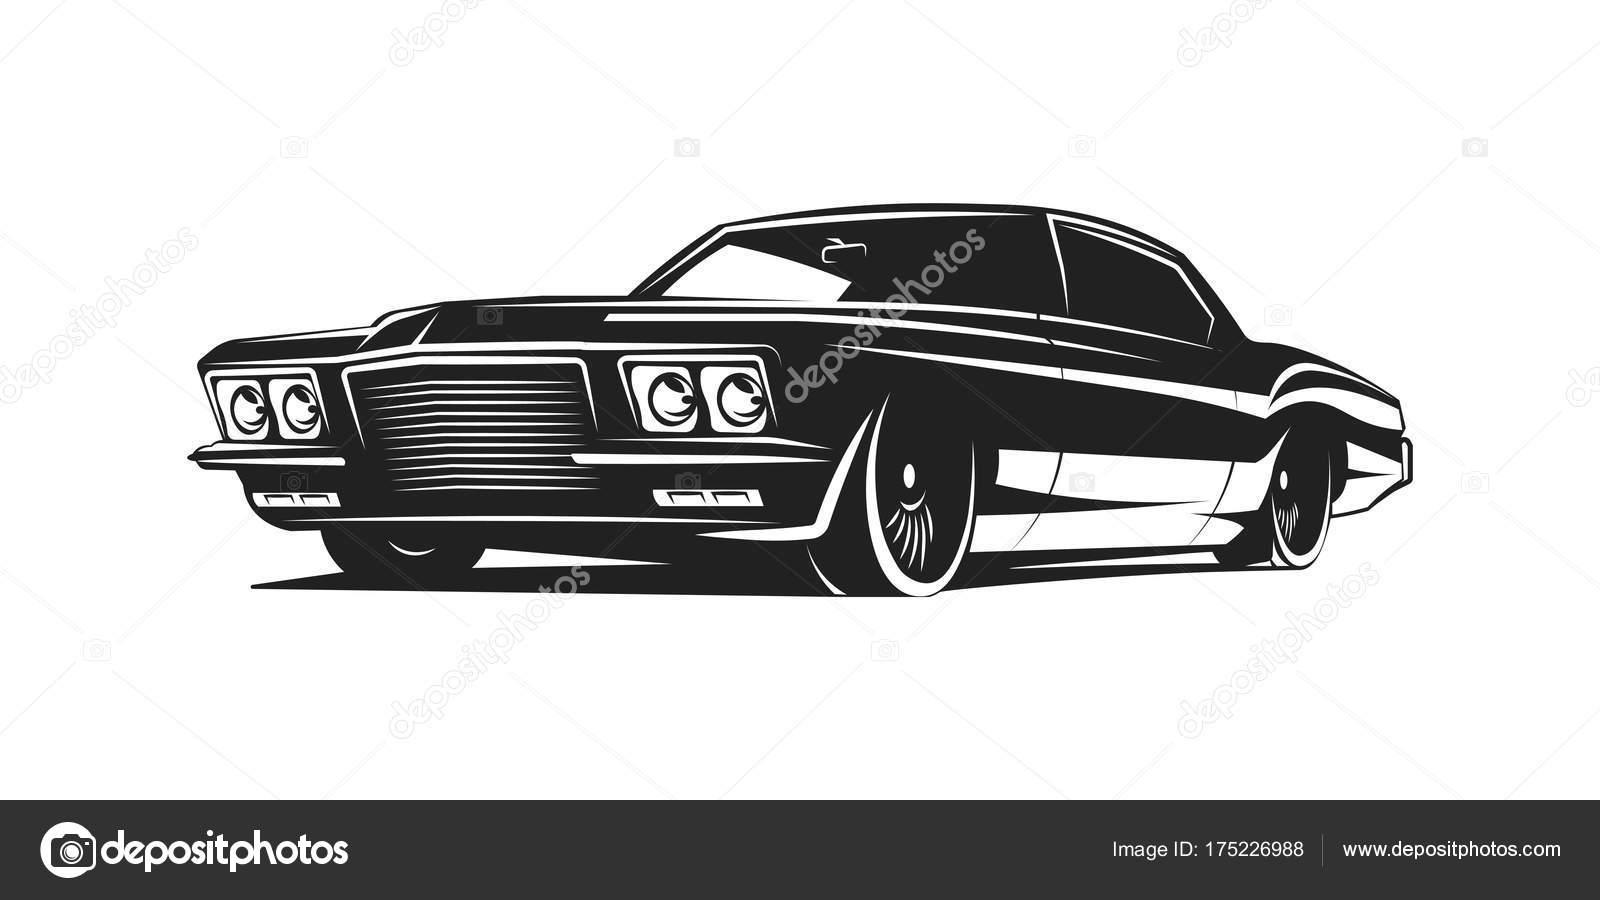 Muscle car vector poster — Stock Vector © galimovma79 #175226988